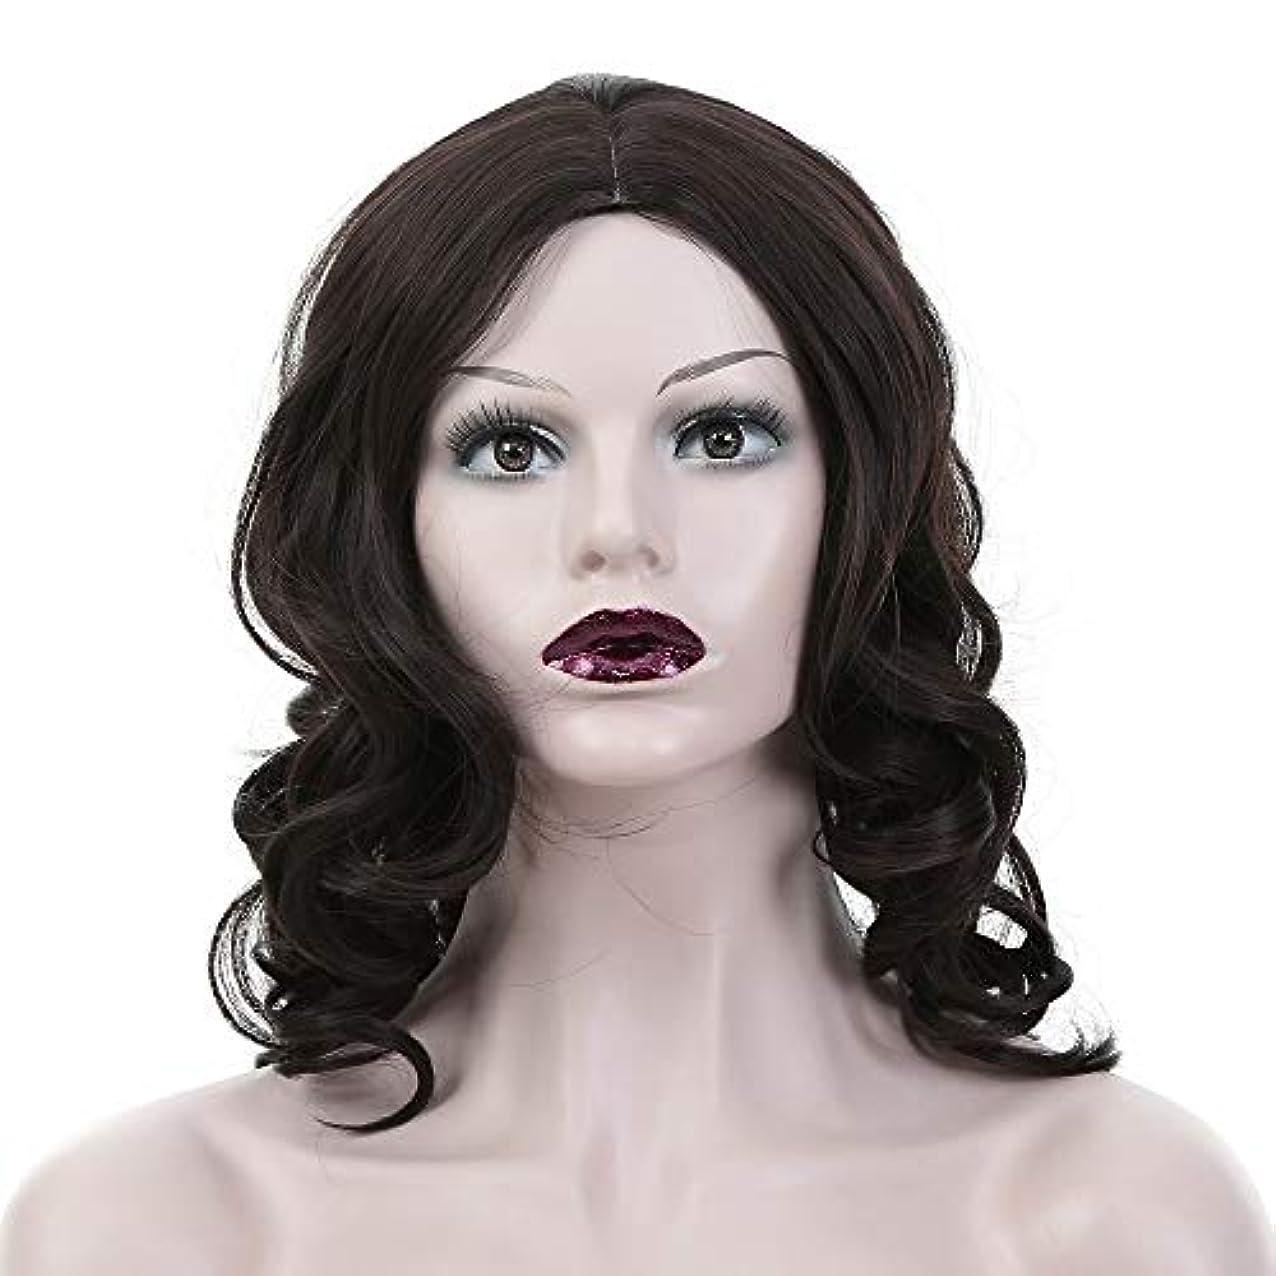 多様なから聞く集計WASAIO 女性の黒の長い巻き毛のかつら (色 : 黒)